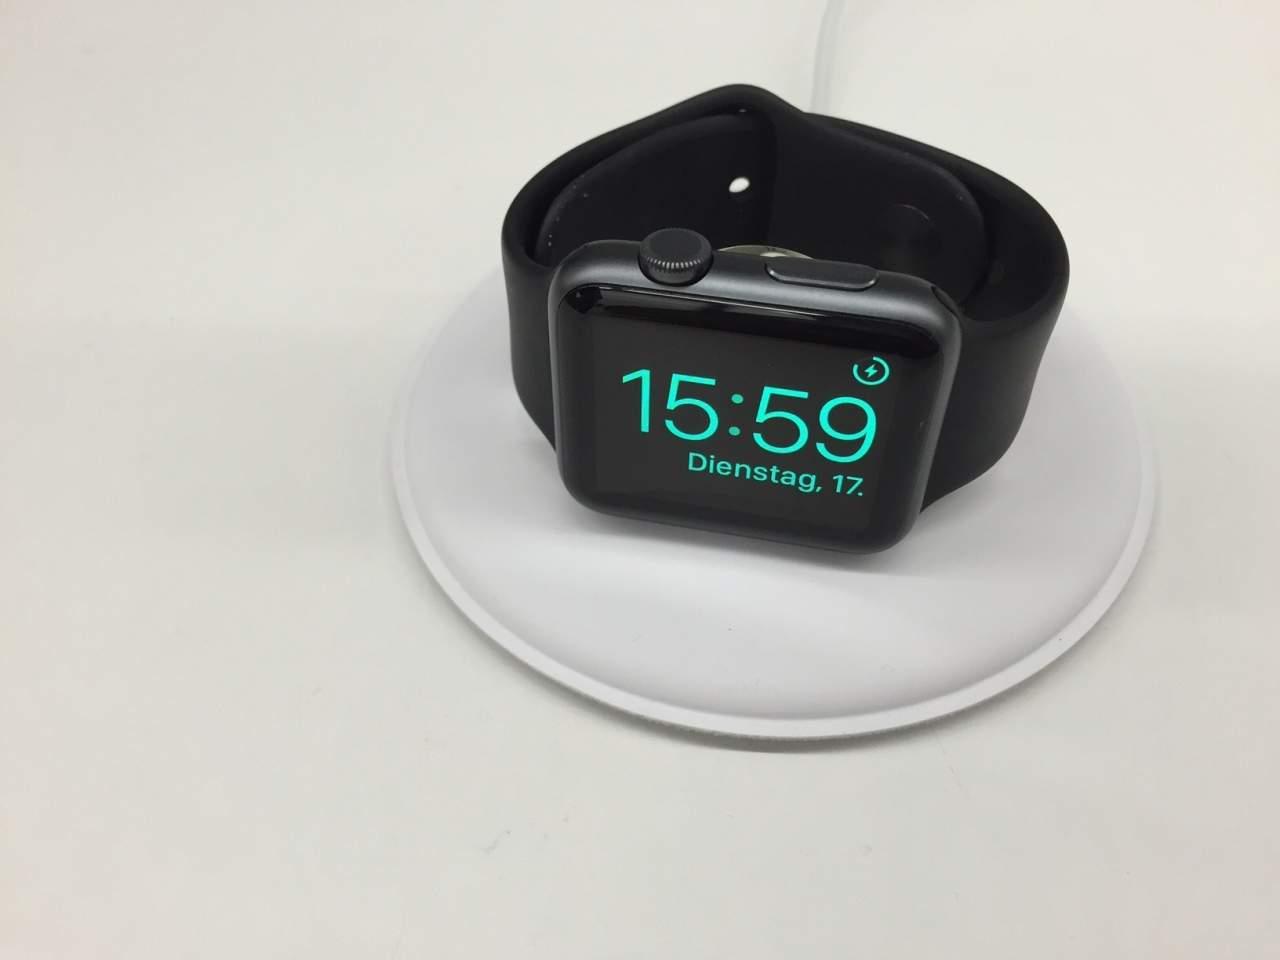 Ecco la nuova dock di ricarica per Apple Watch